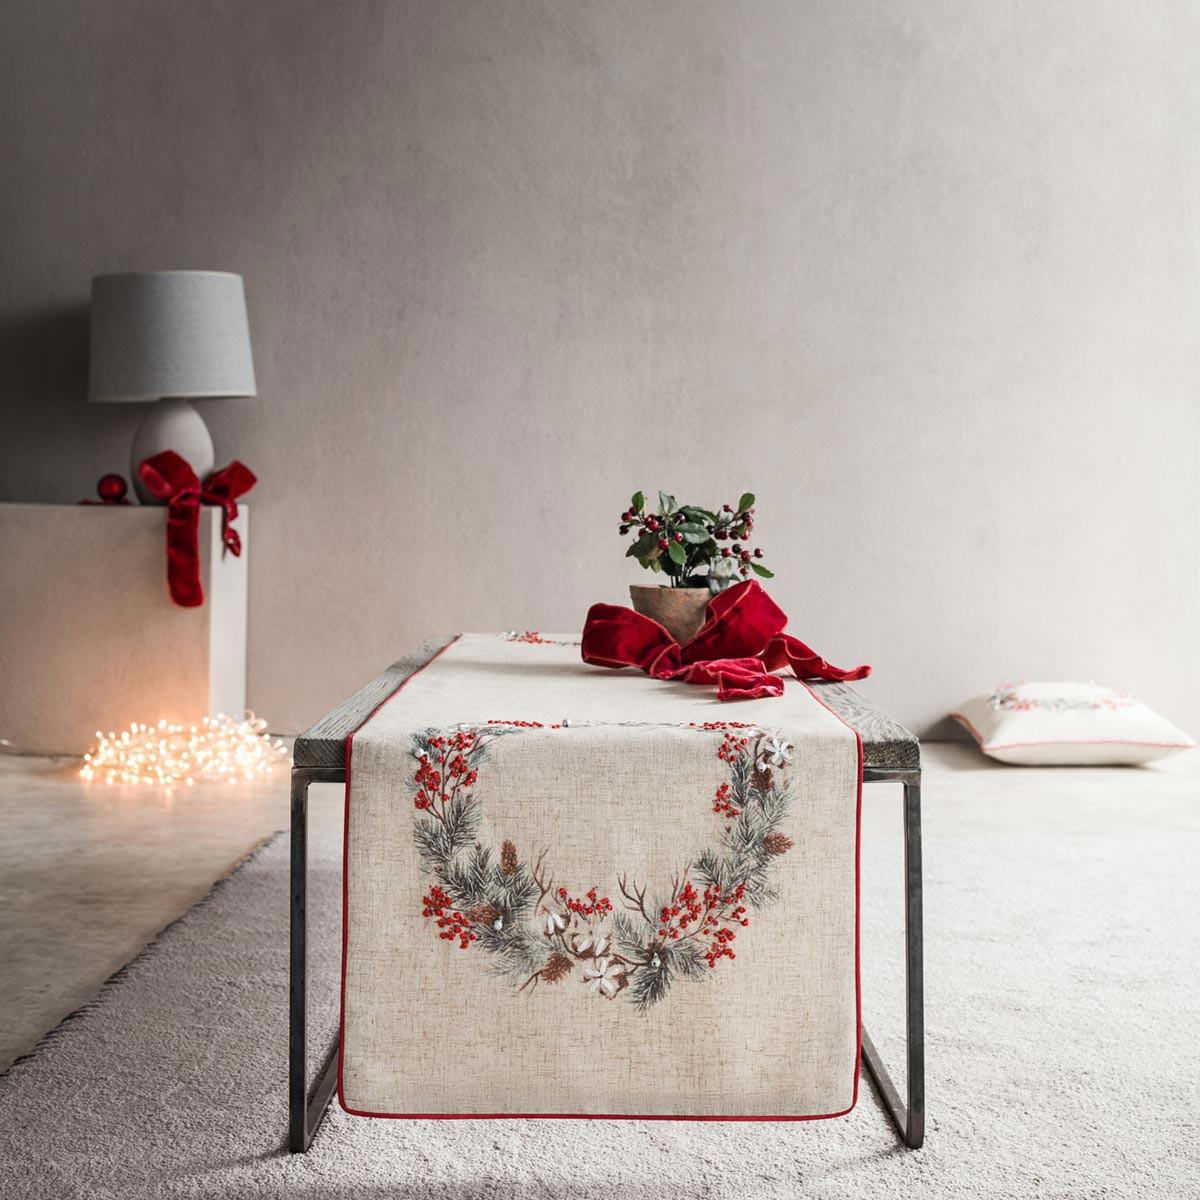 Χριστουγεννιάτικη Τραβέρσα (40×160) Gofis Home 995